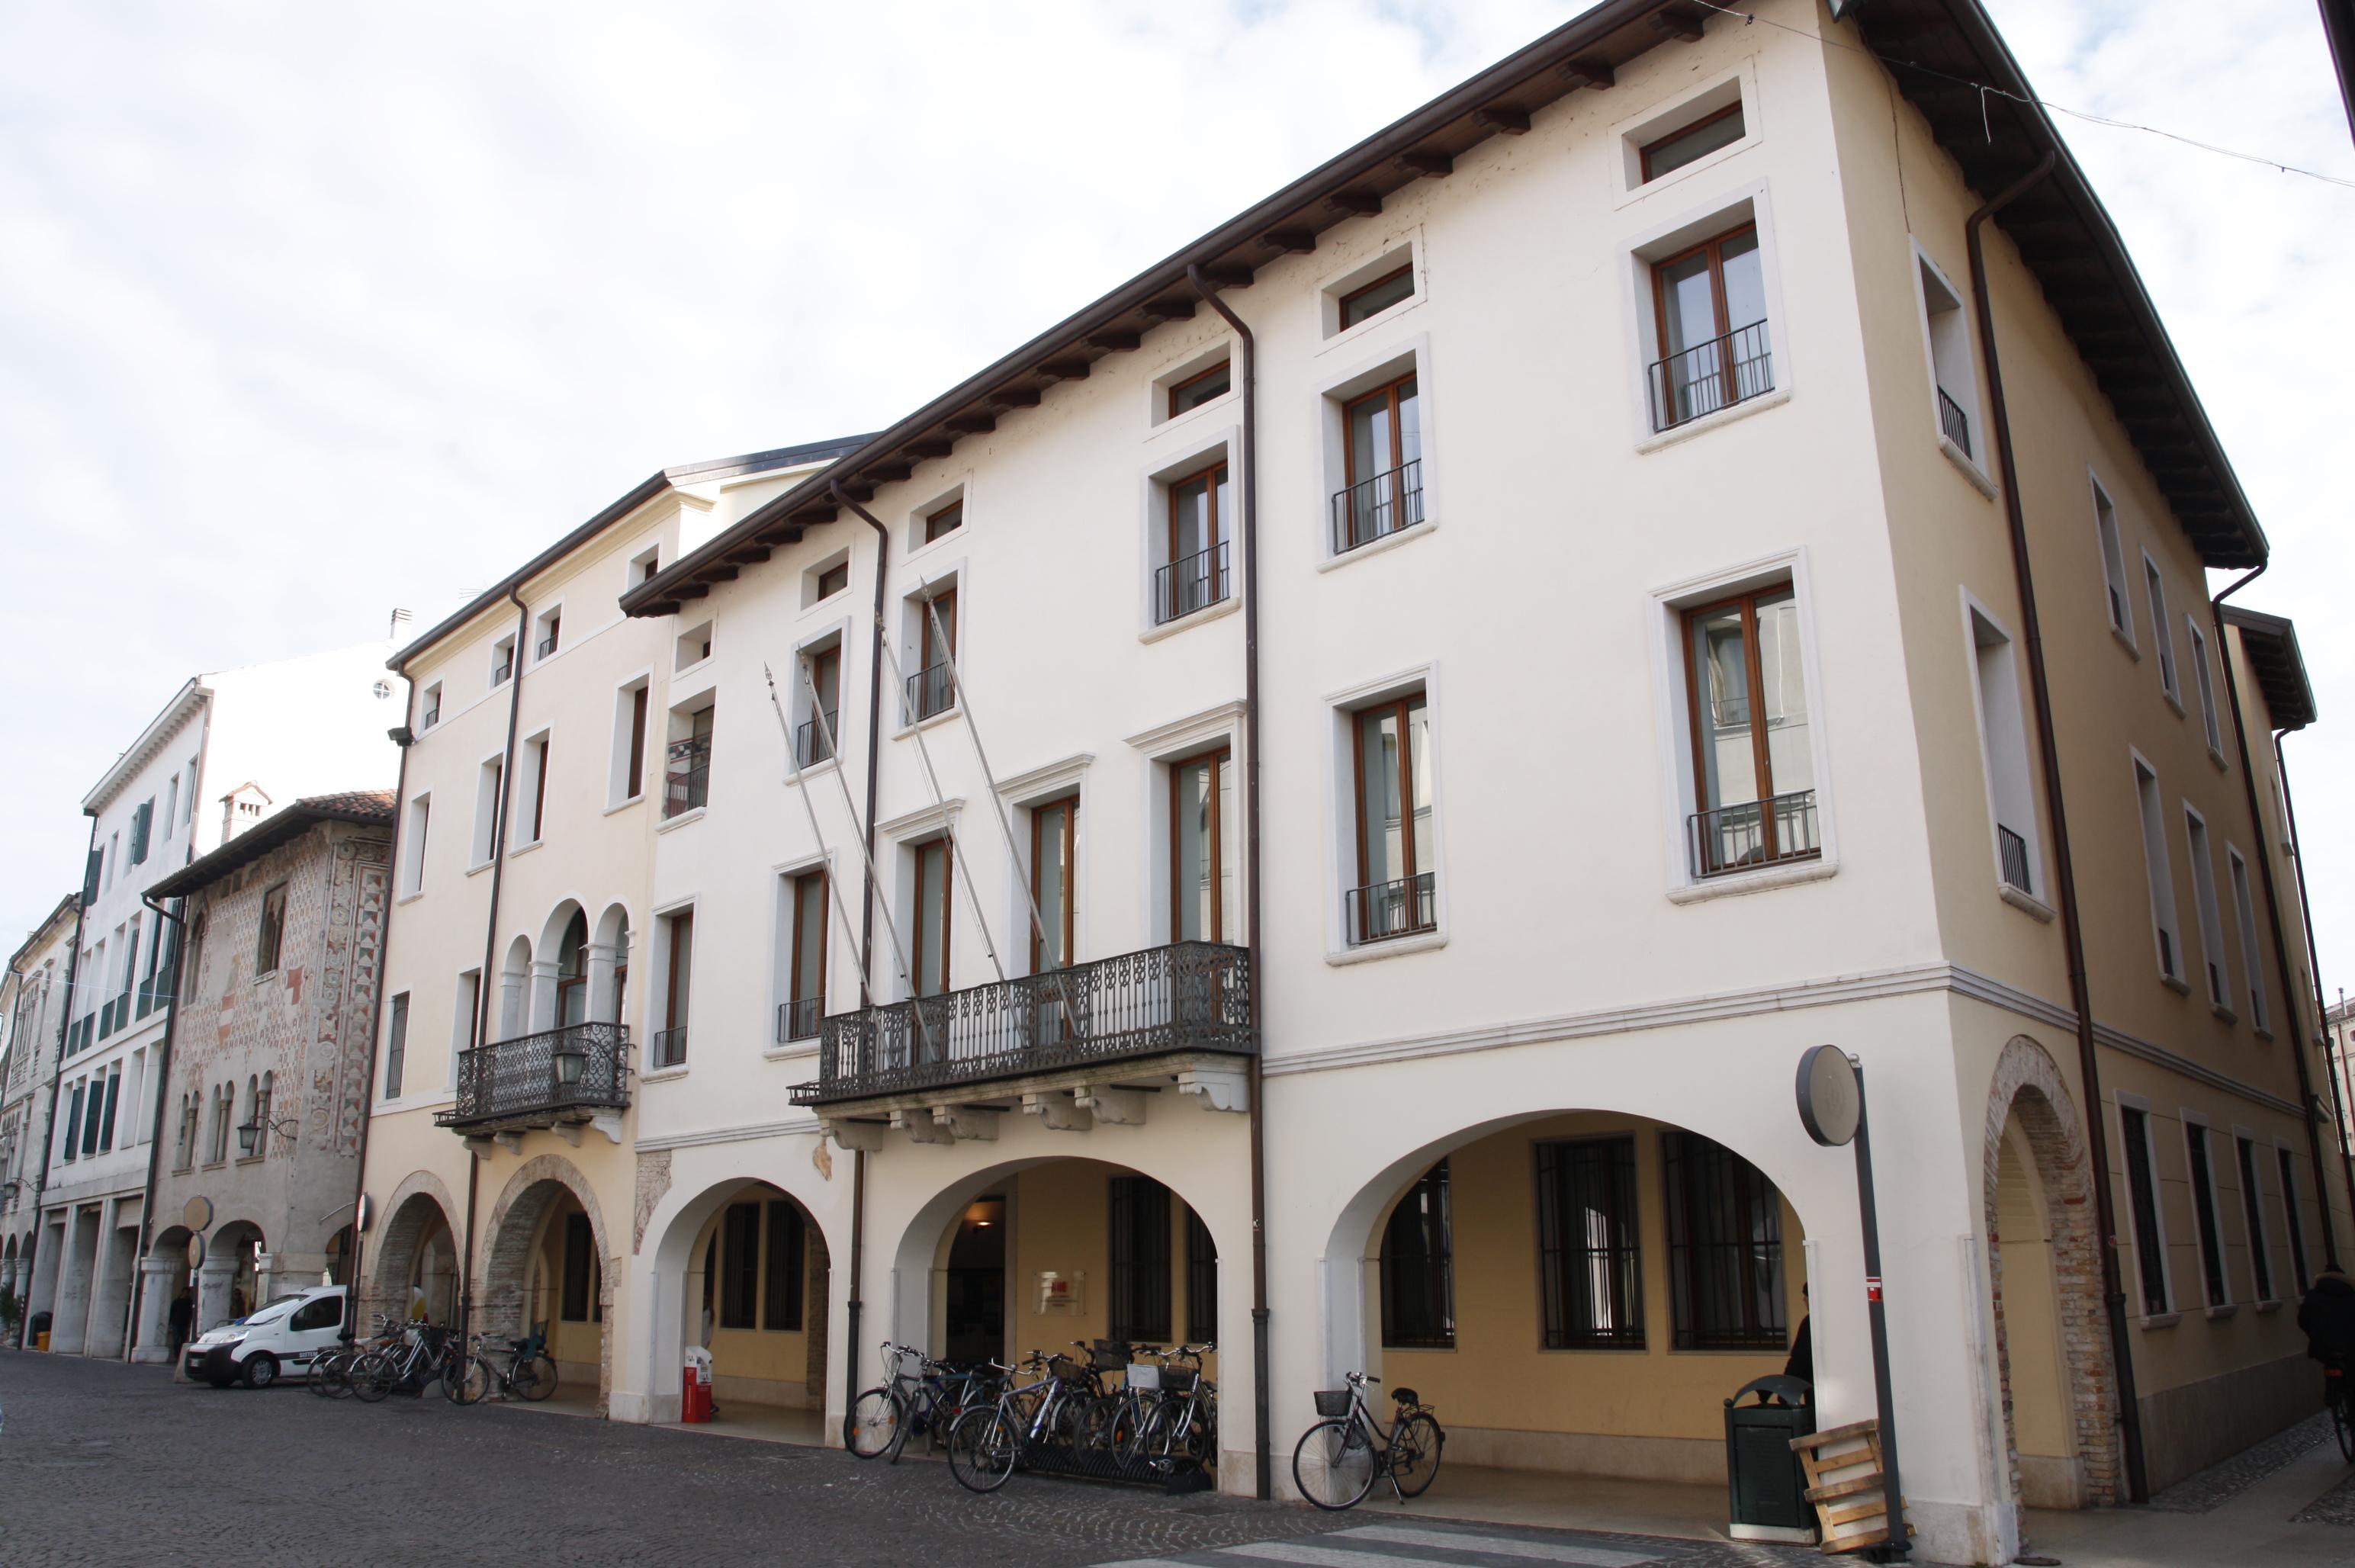 Palazzo Mantica-Poletti